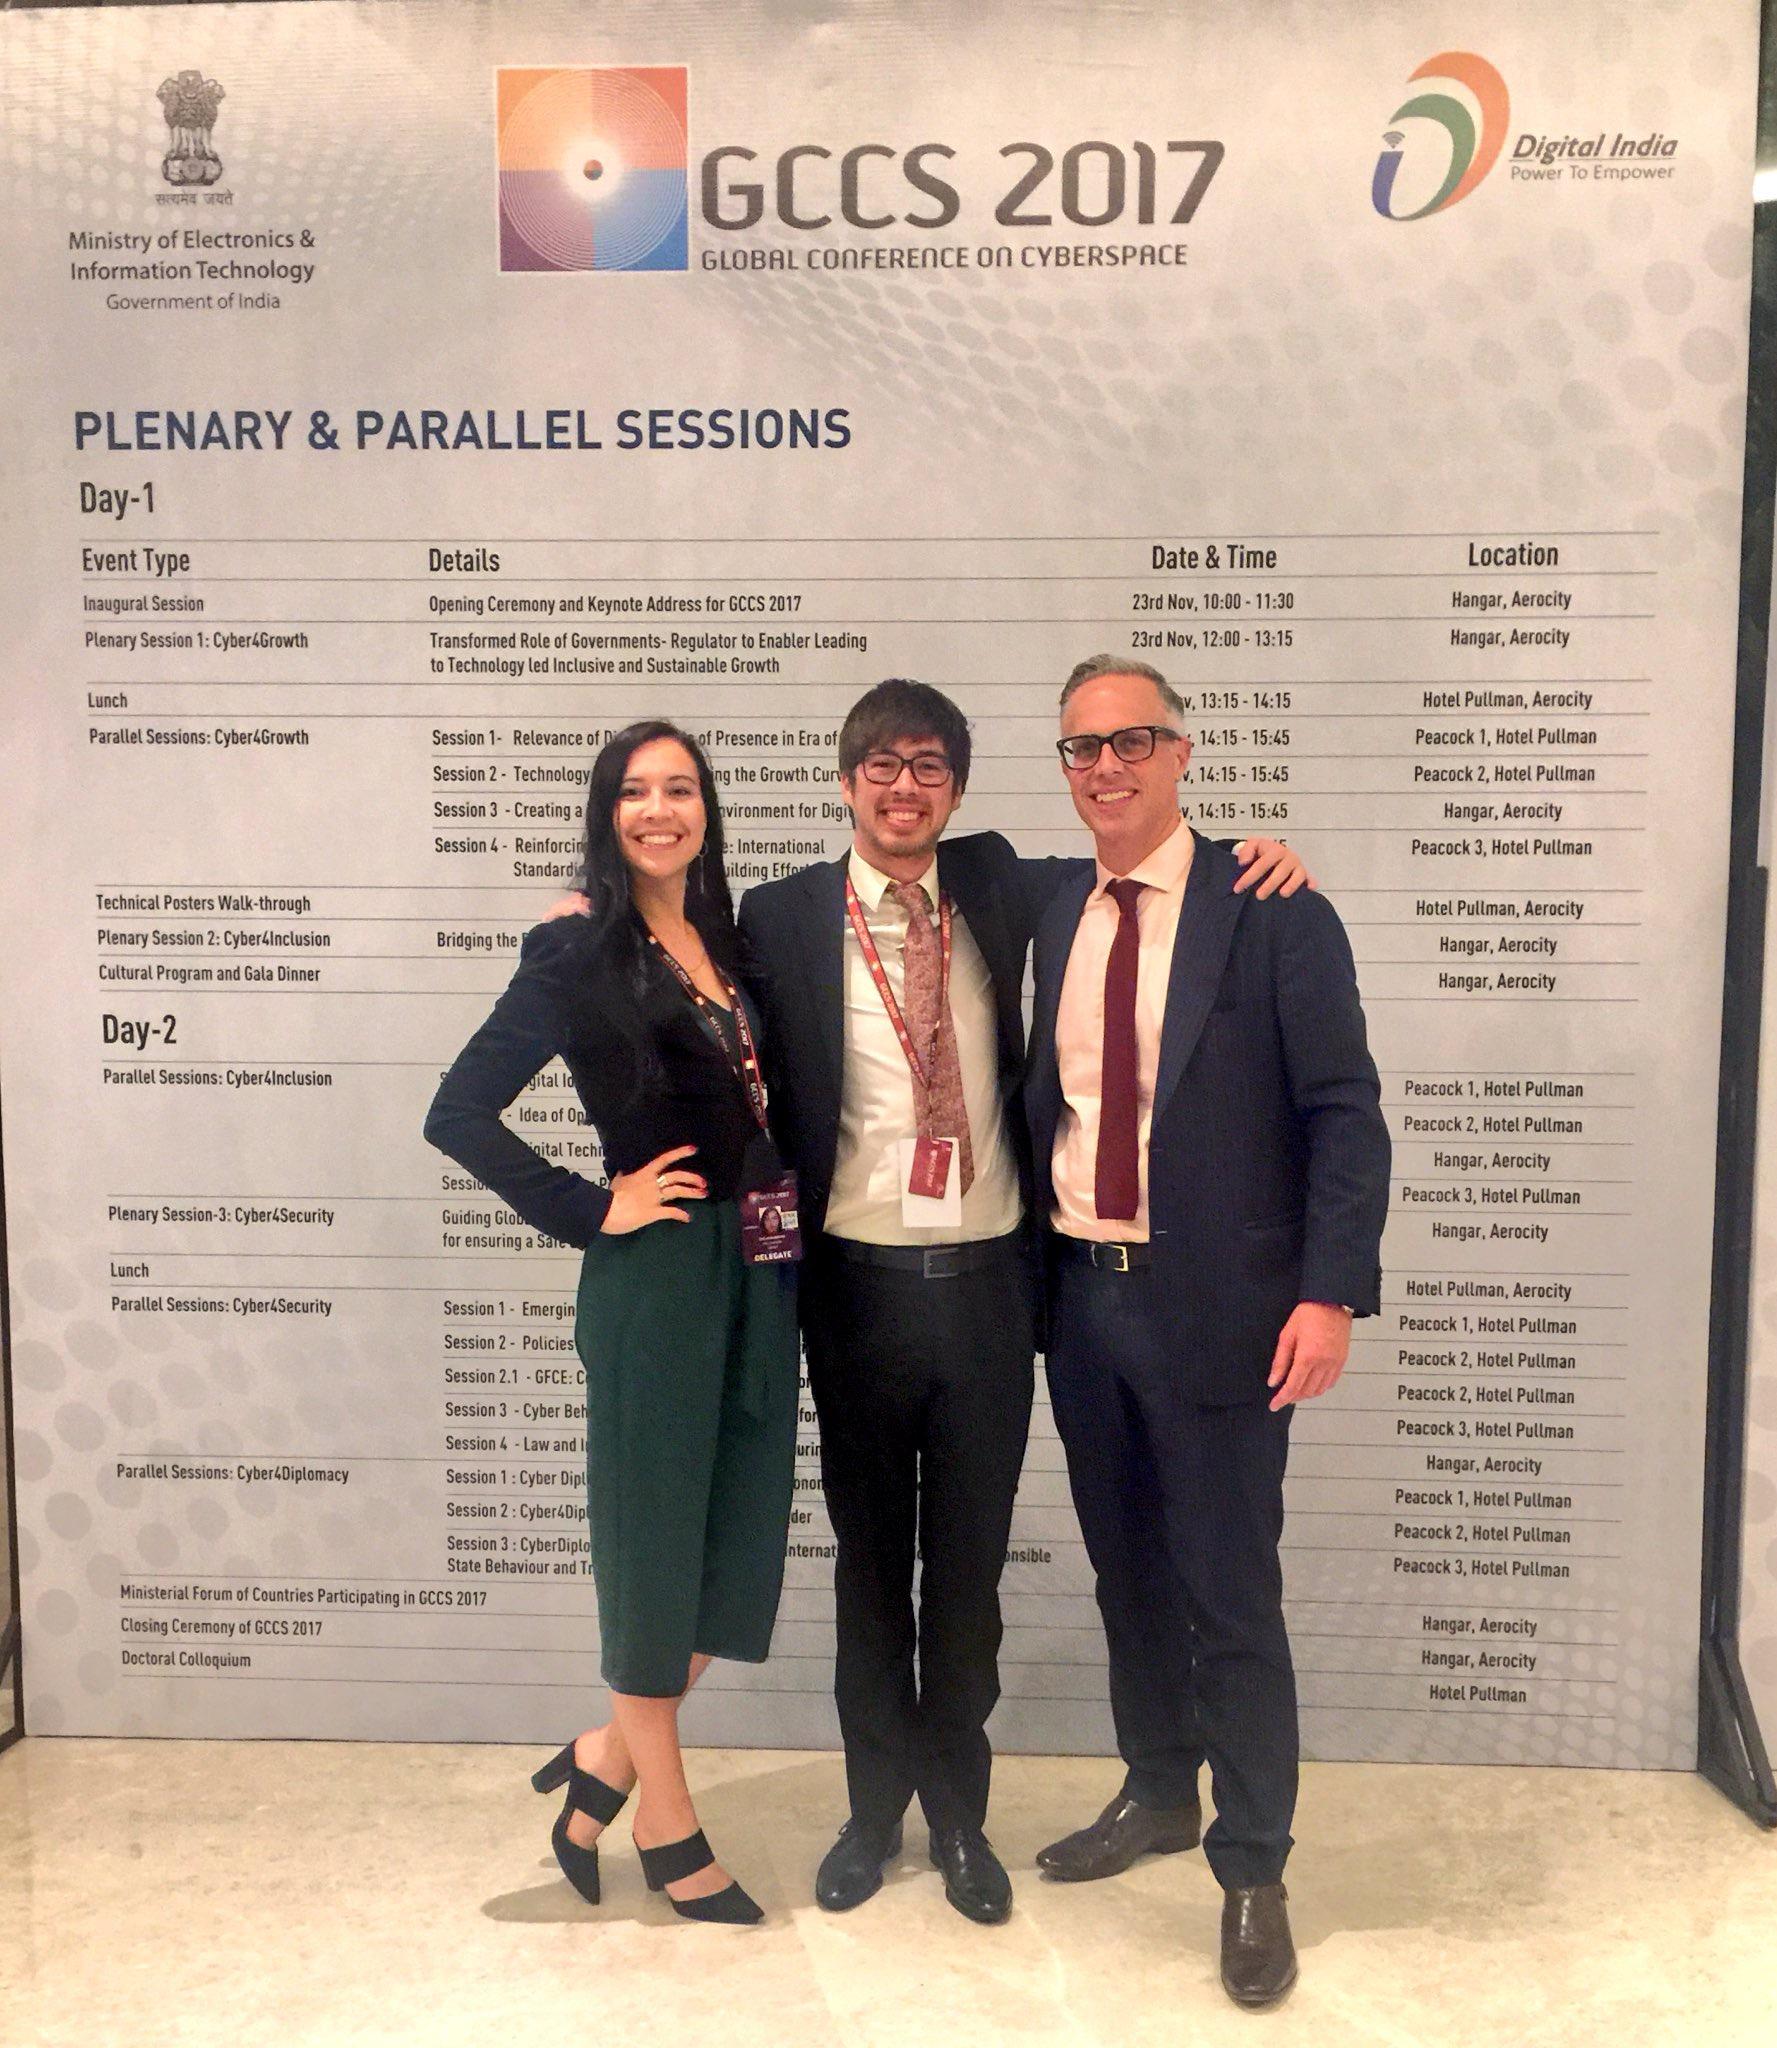 ASPI reunion at GCCS 2017 - New Delhi, IN(2017)